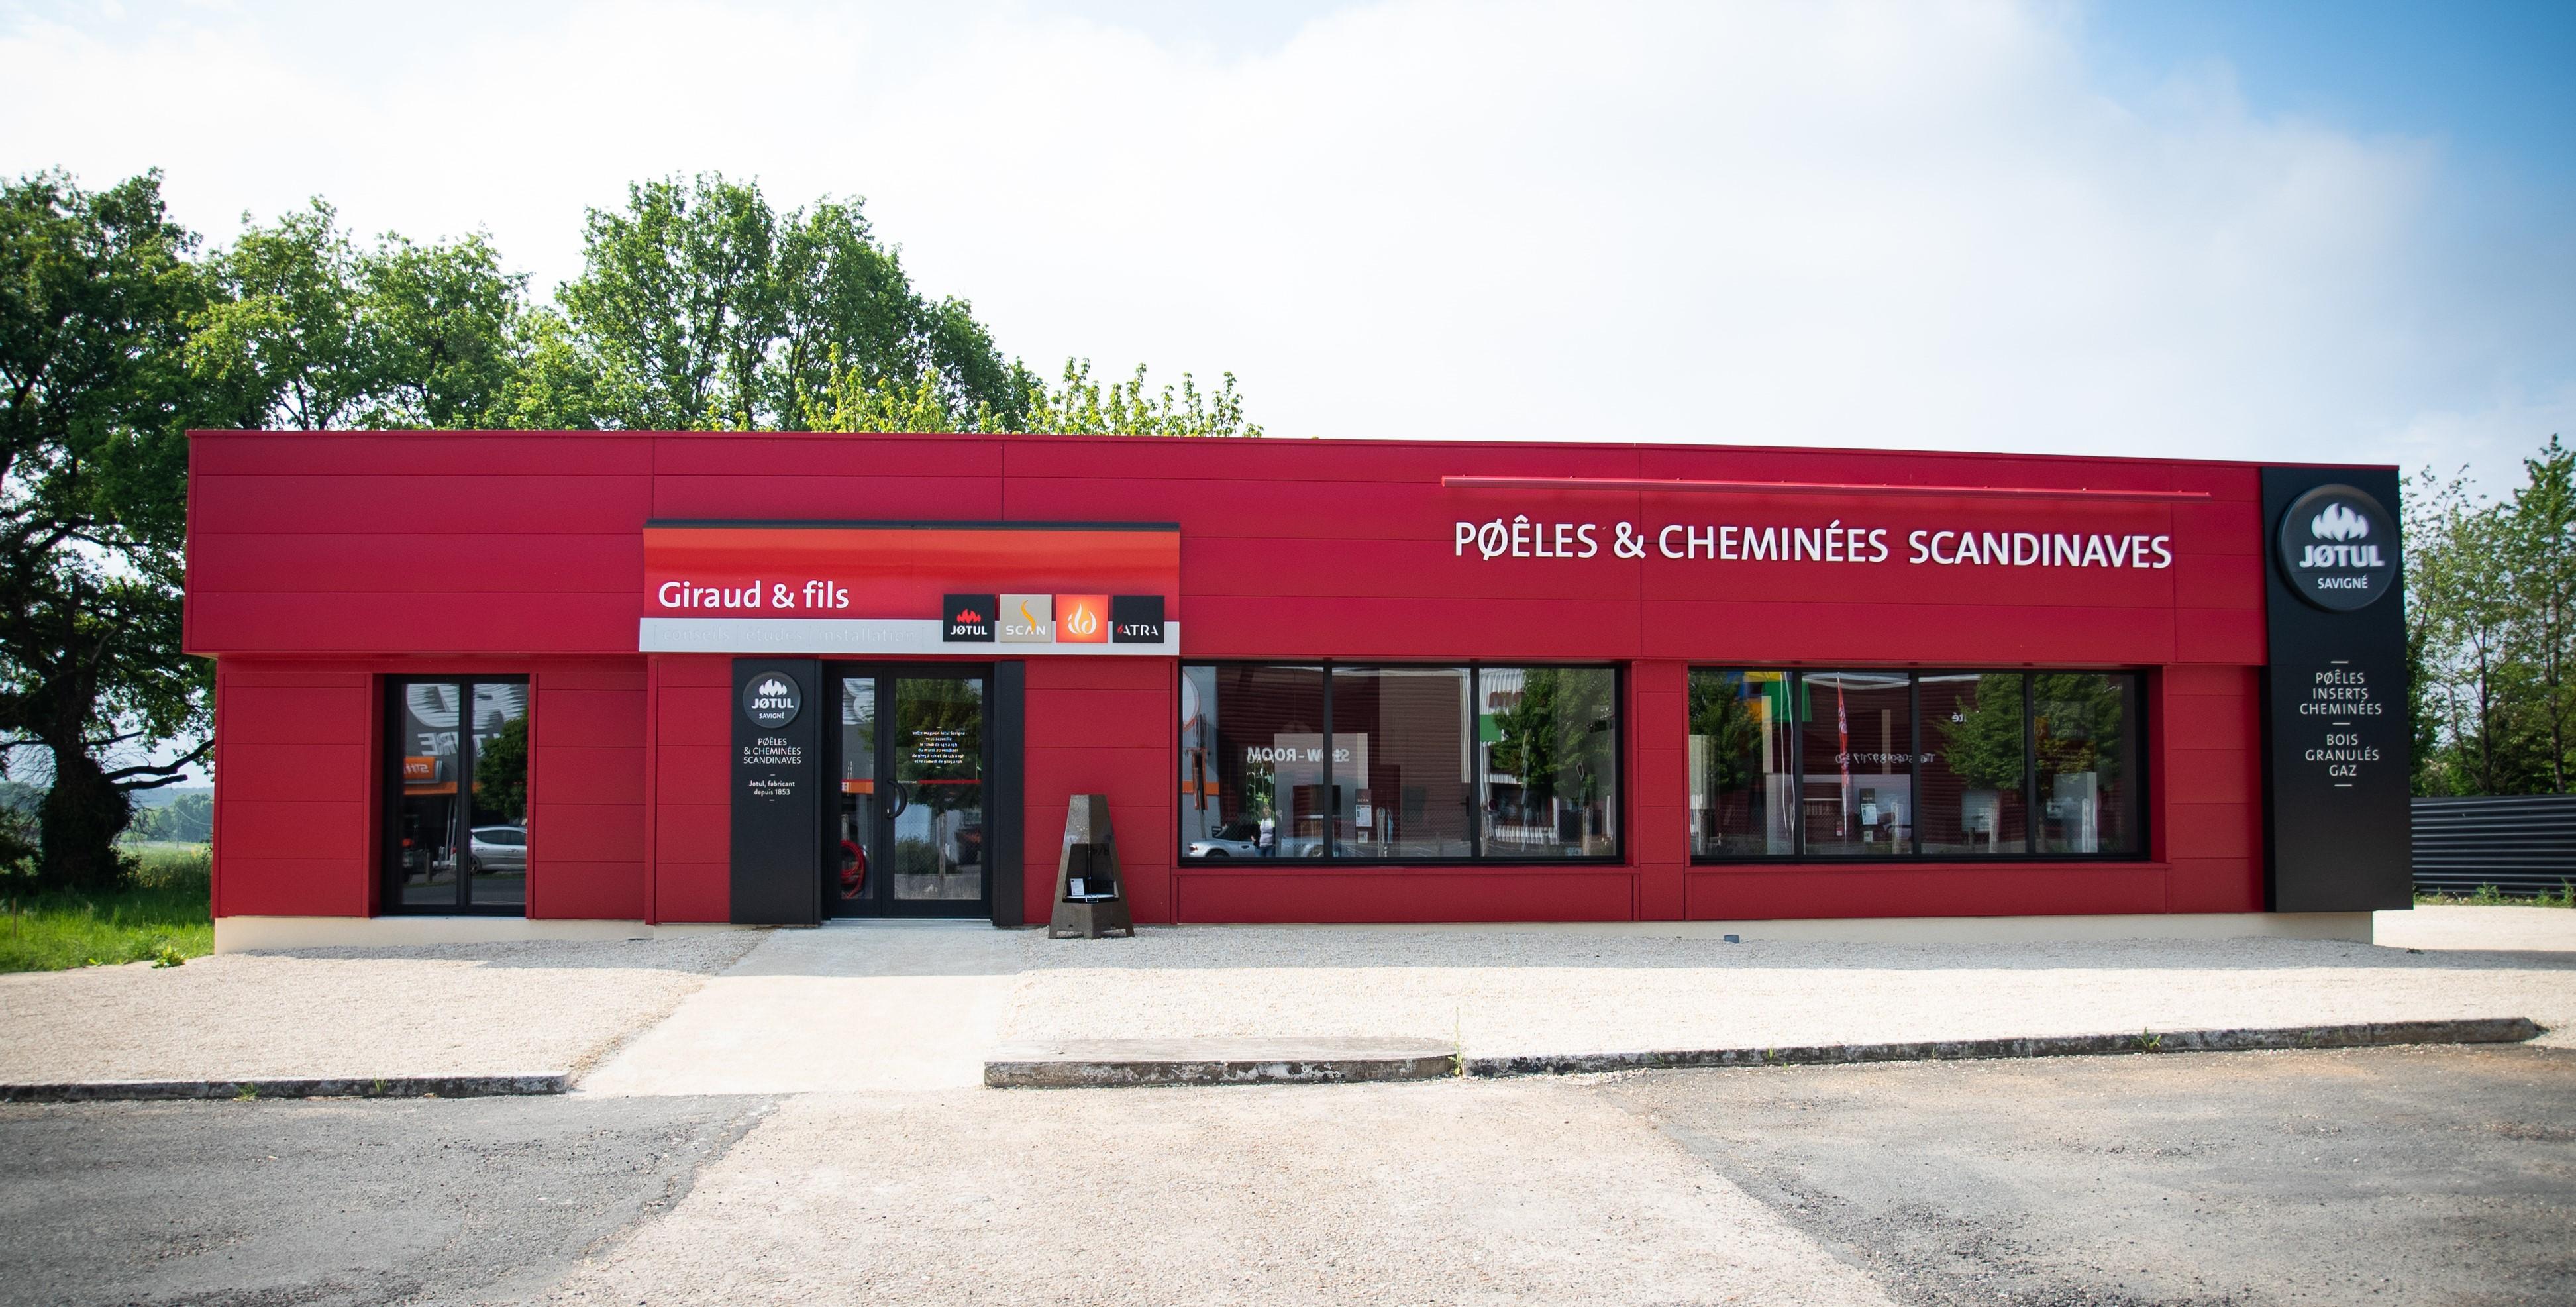 Showroom JOTUL Savigné, Giraud & fils, façade et parking, spécialiste des poêles et cheminées scandinaves